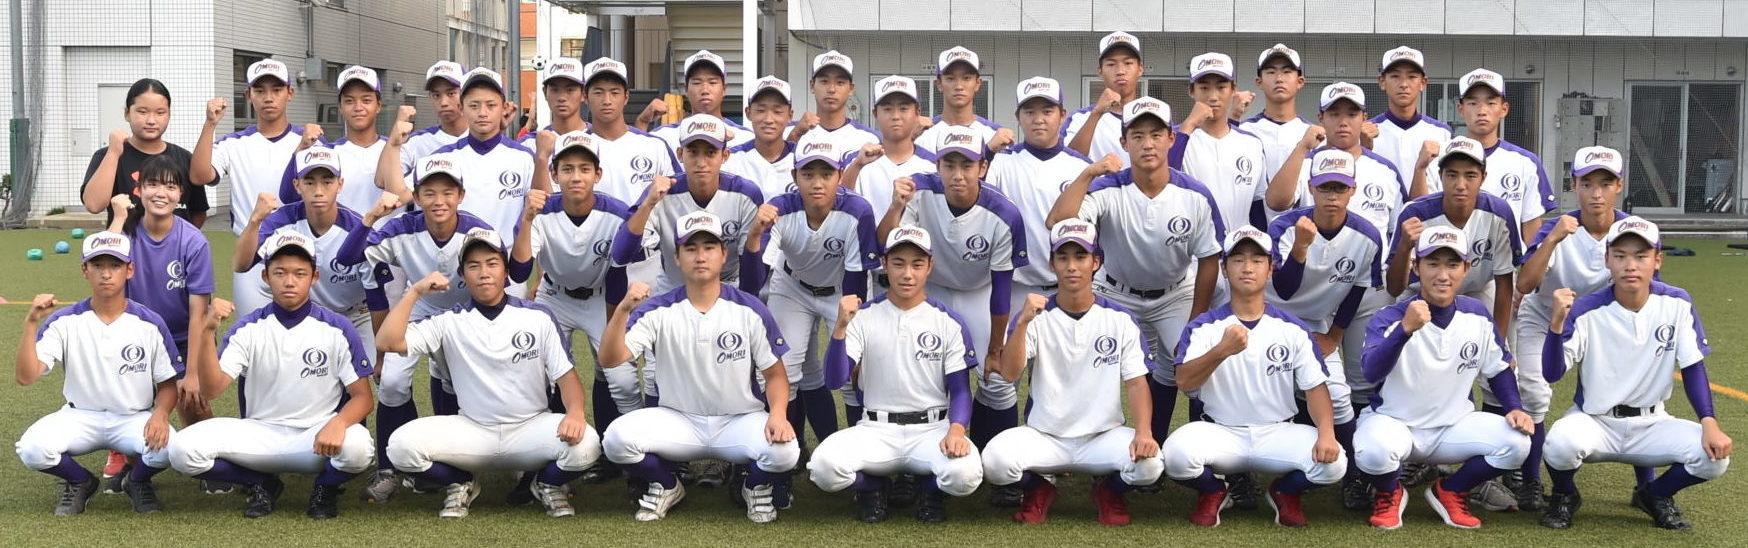 【大森学園 野球部】「継承 〜東京No.1への旅路〜」#大森学園